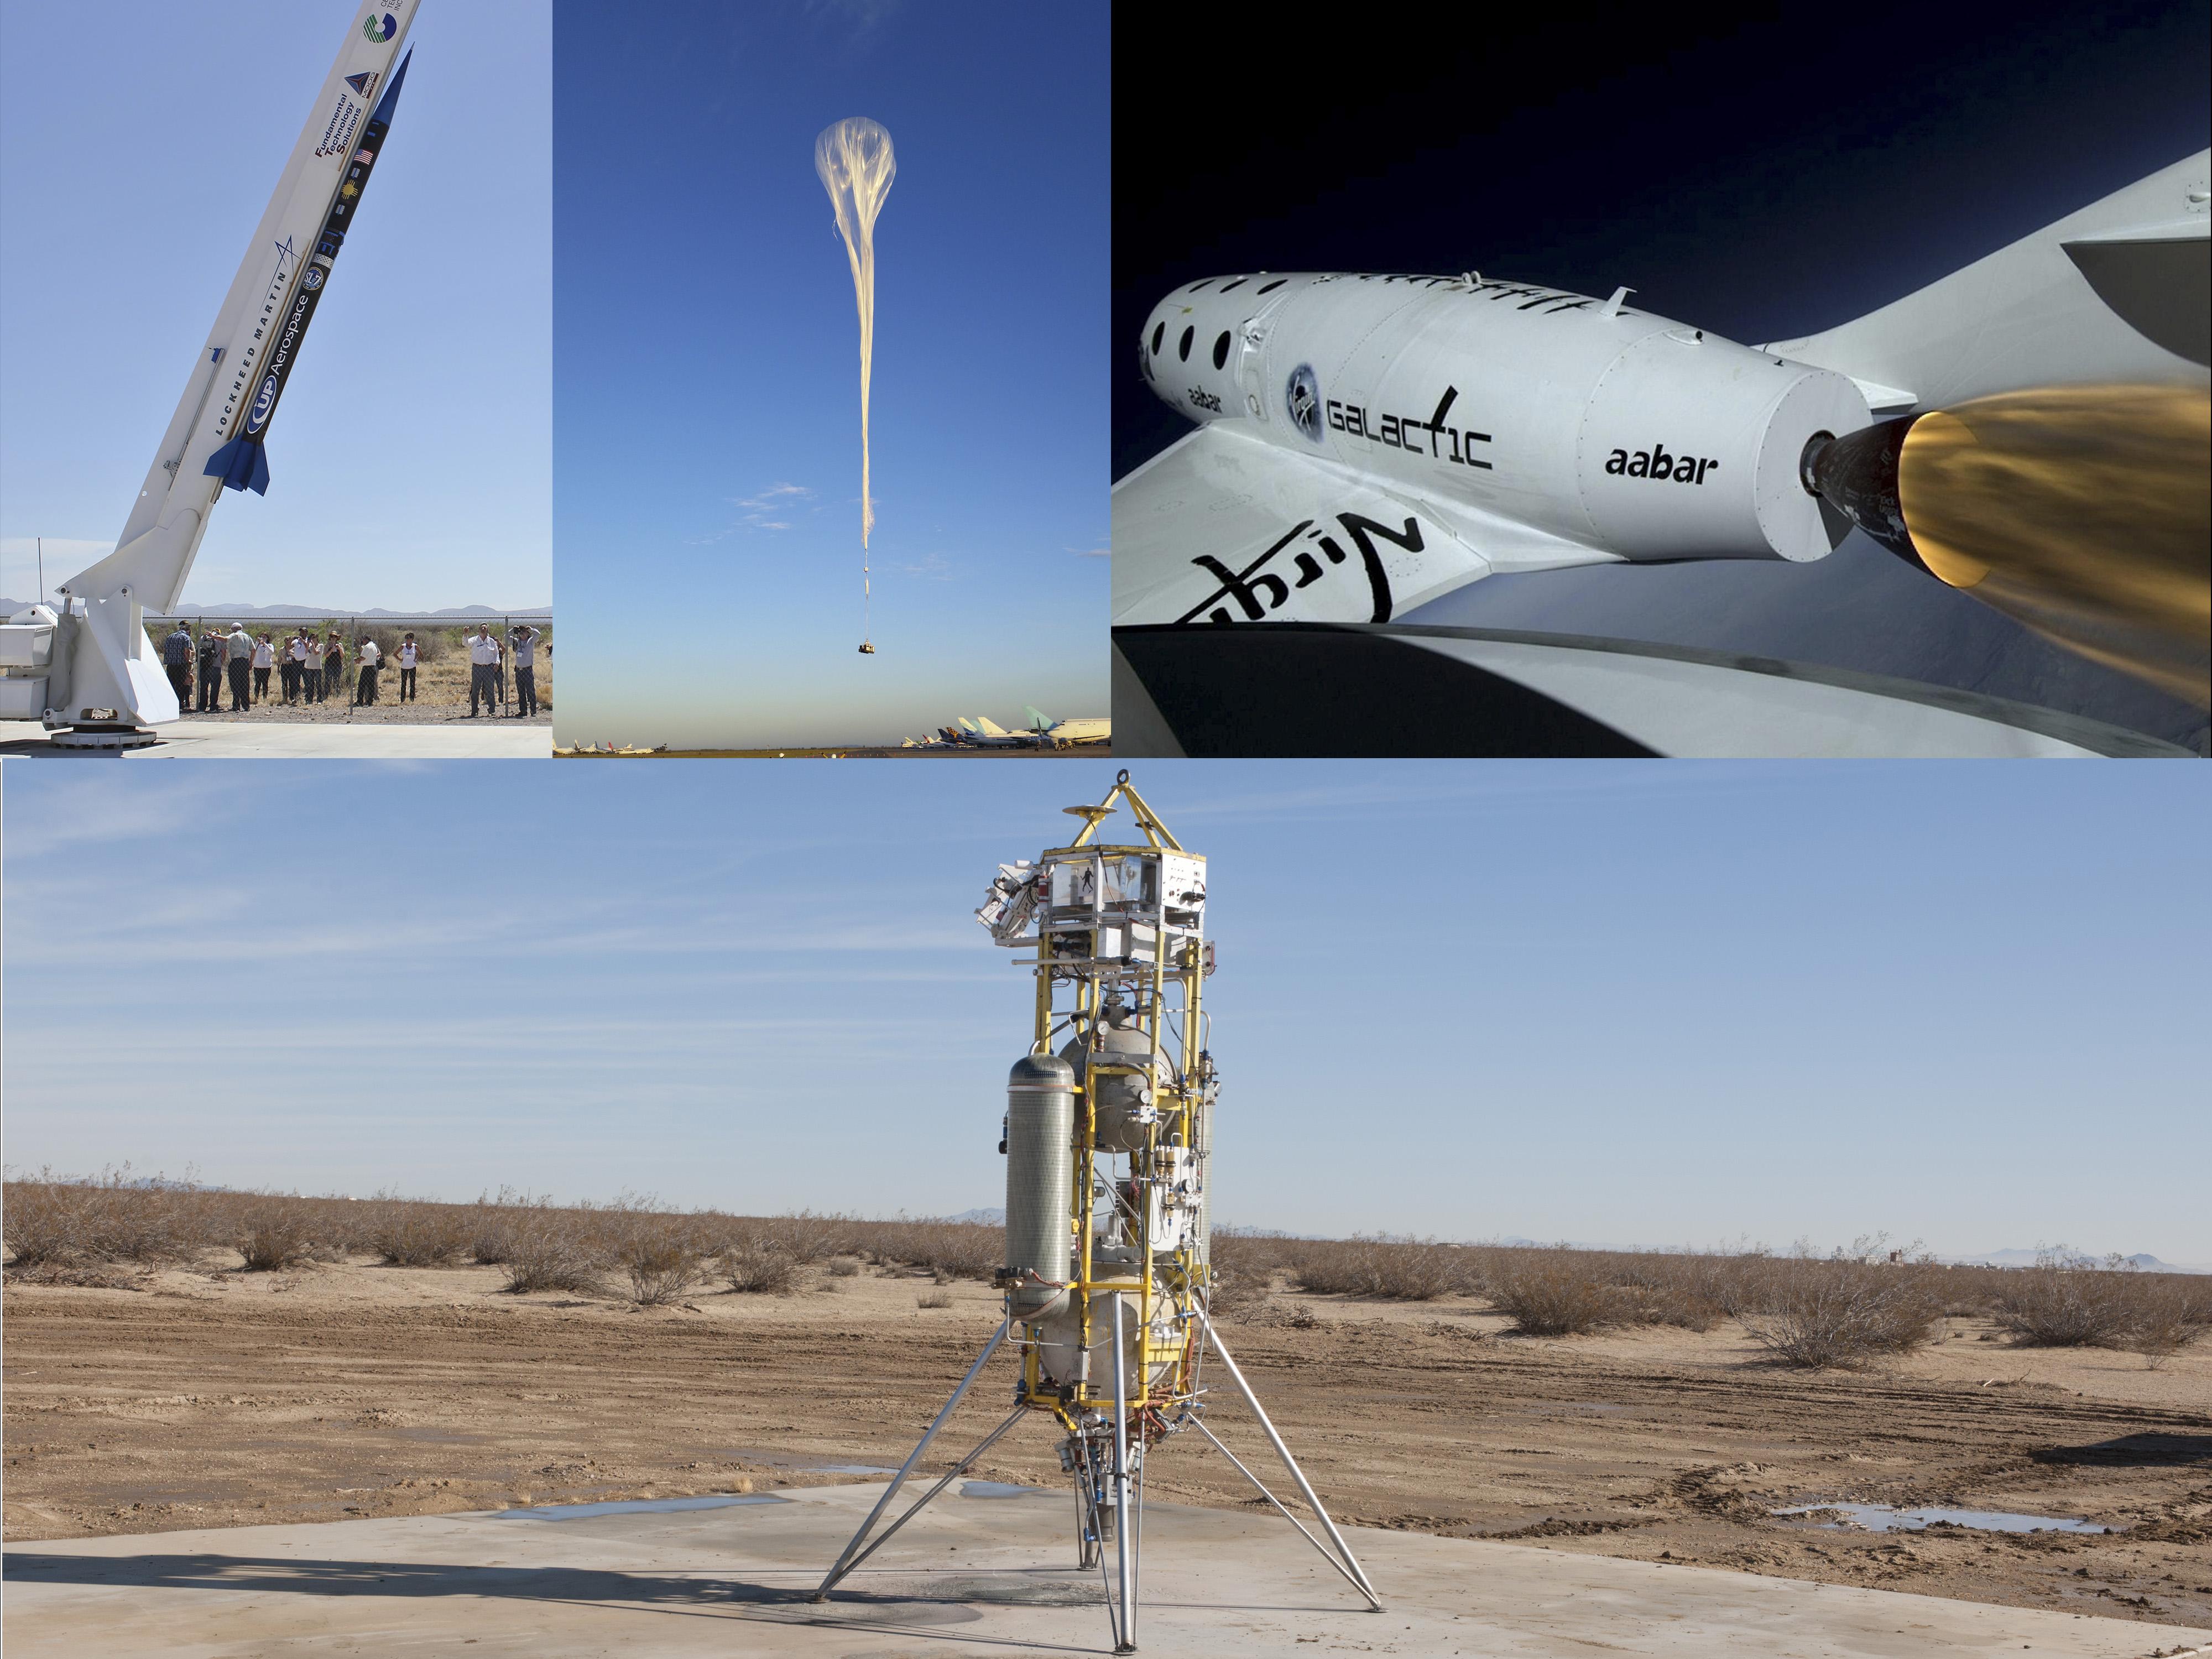 Worksheet Nasa Kids Program nasa selects new technologies for flight tests nasa